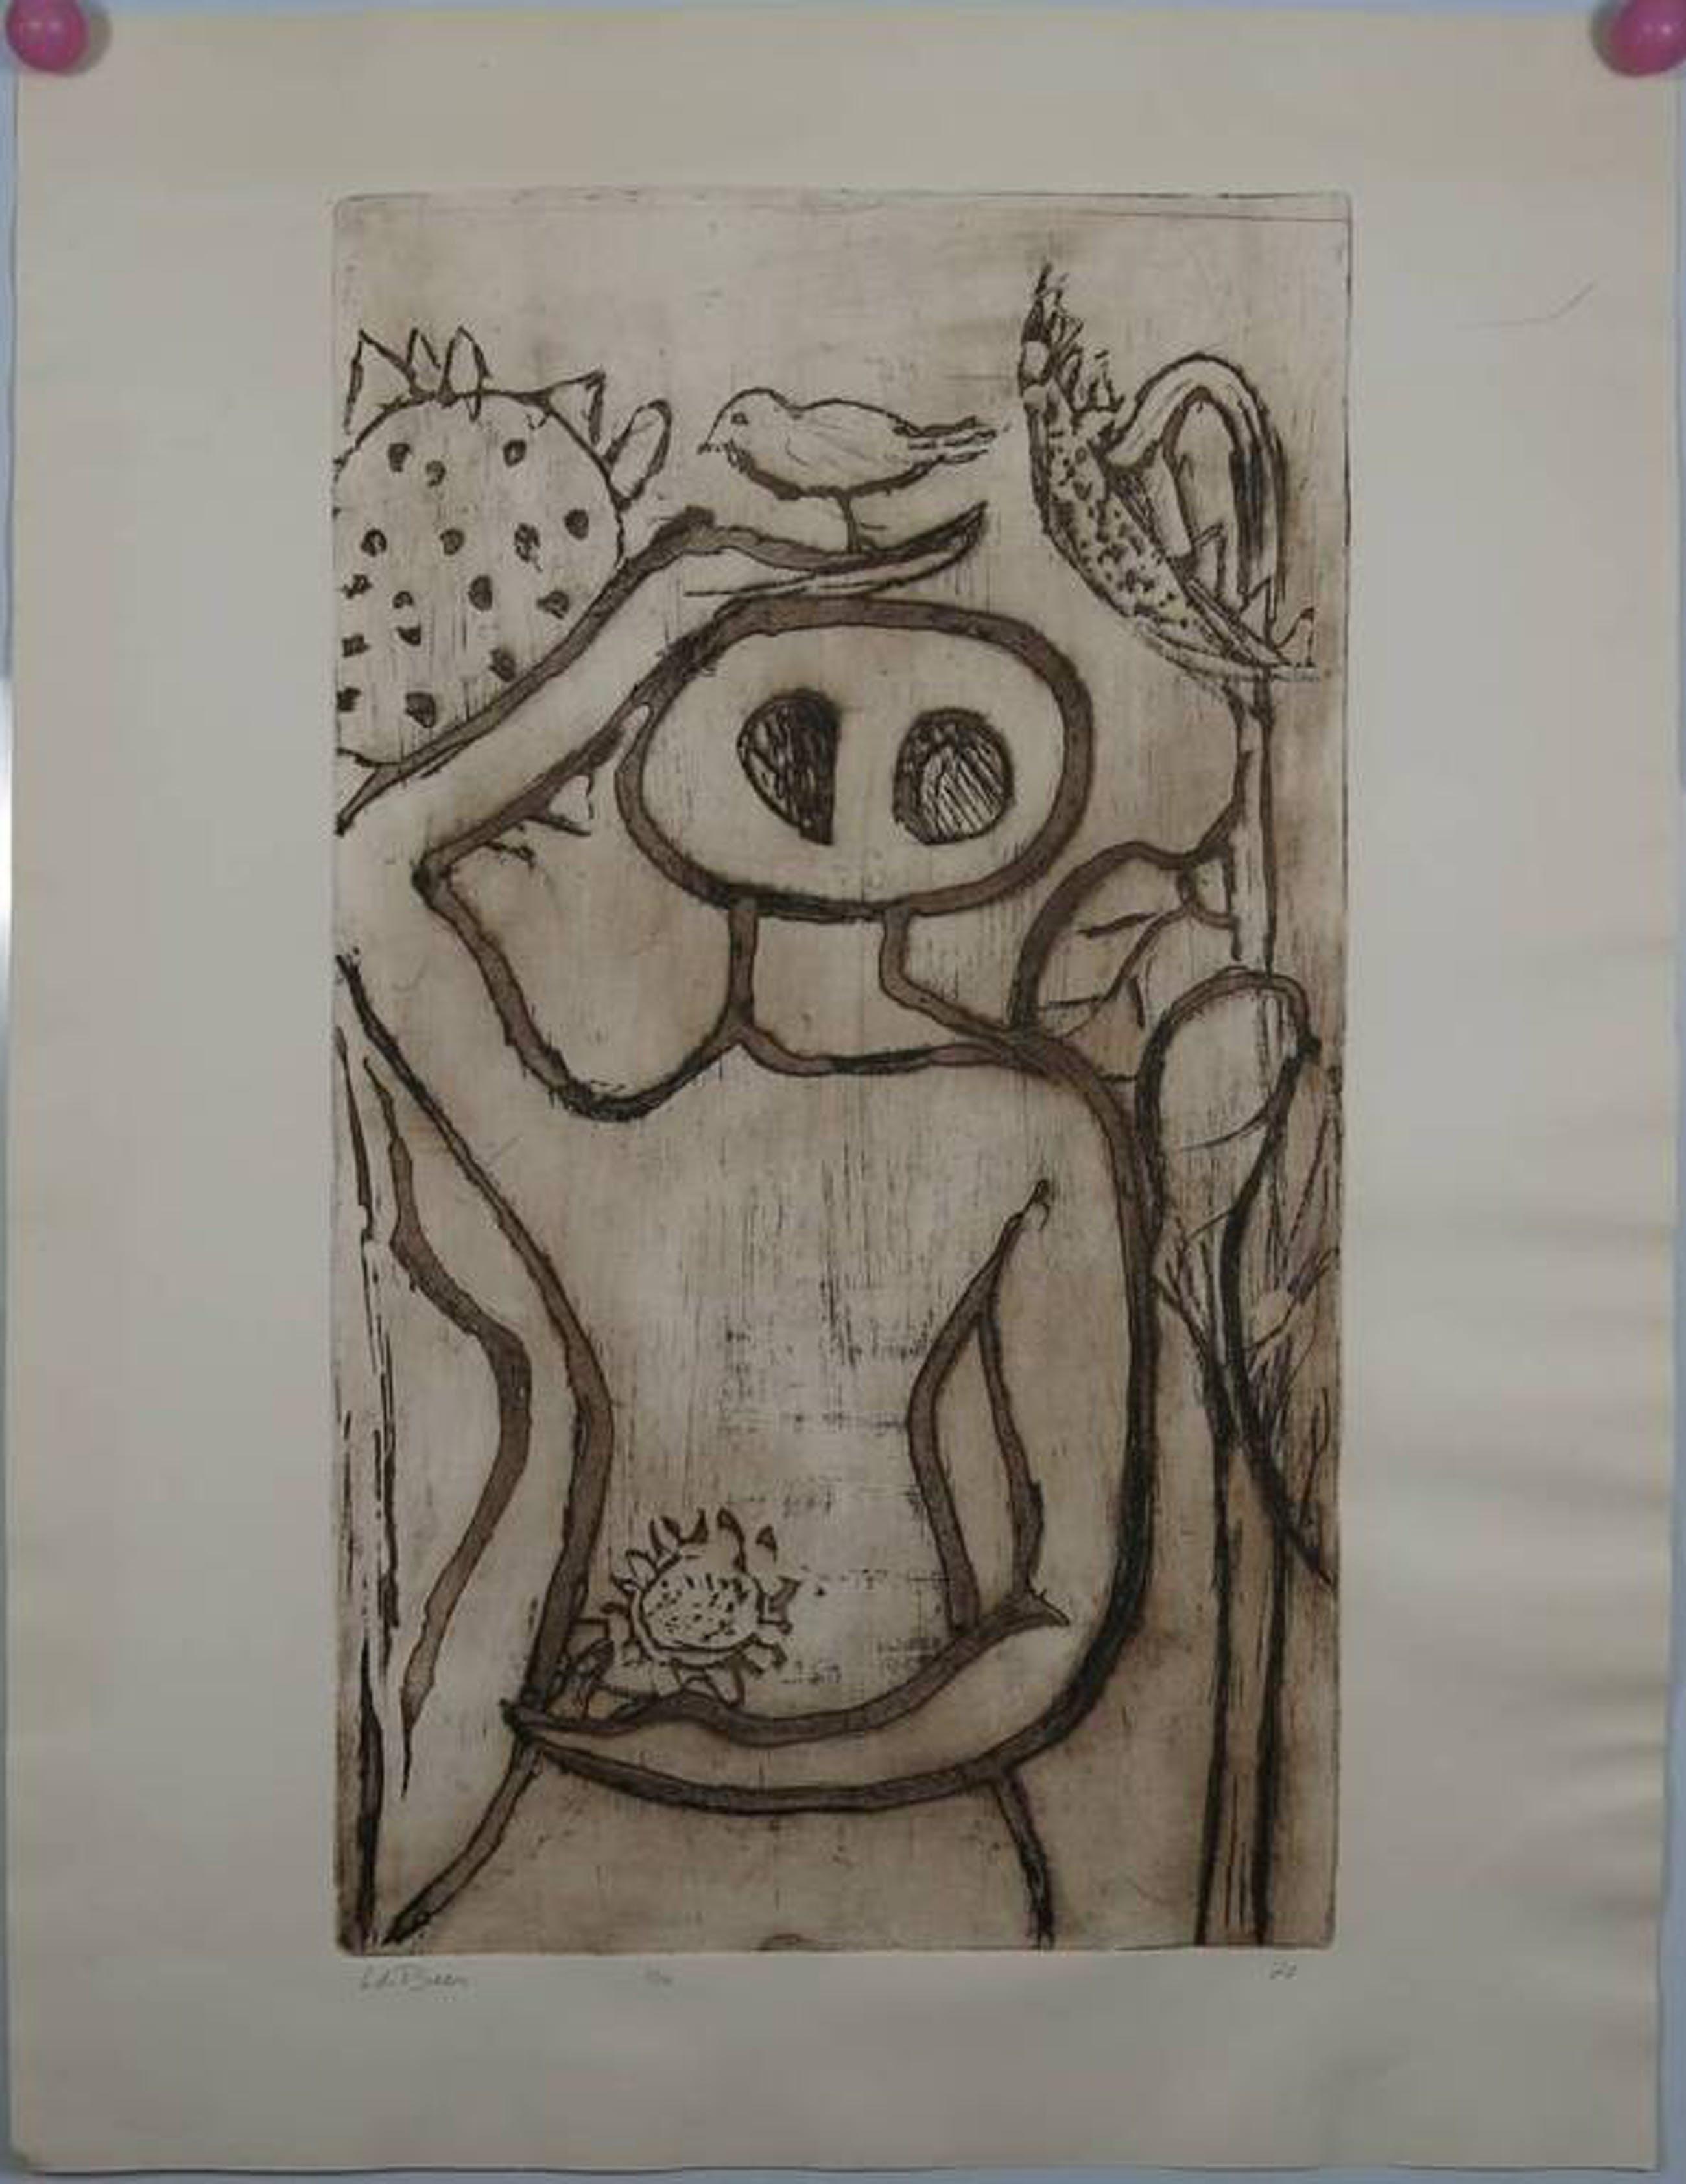 H. de Beer: Ets, figuur met vogel en zonnebloemen kopen? Bied vanaf 1!